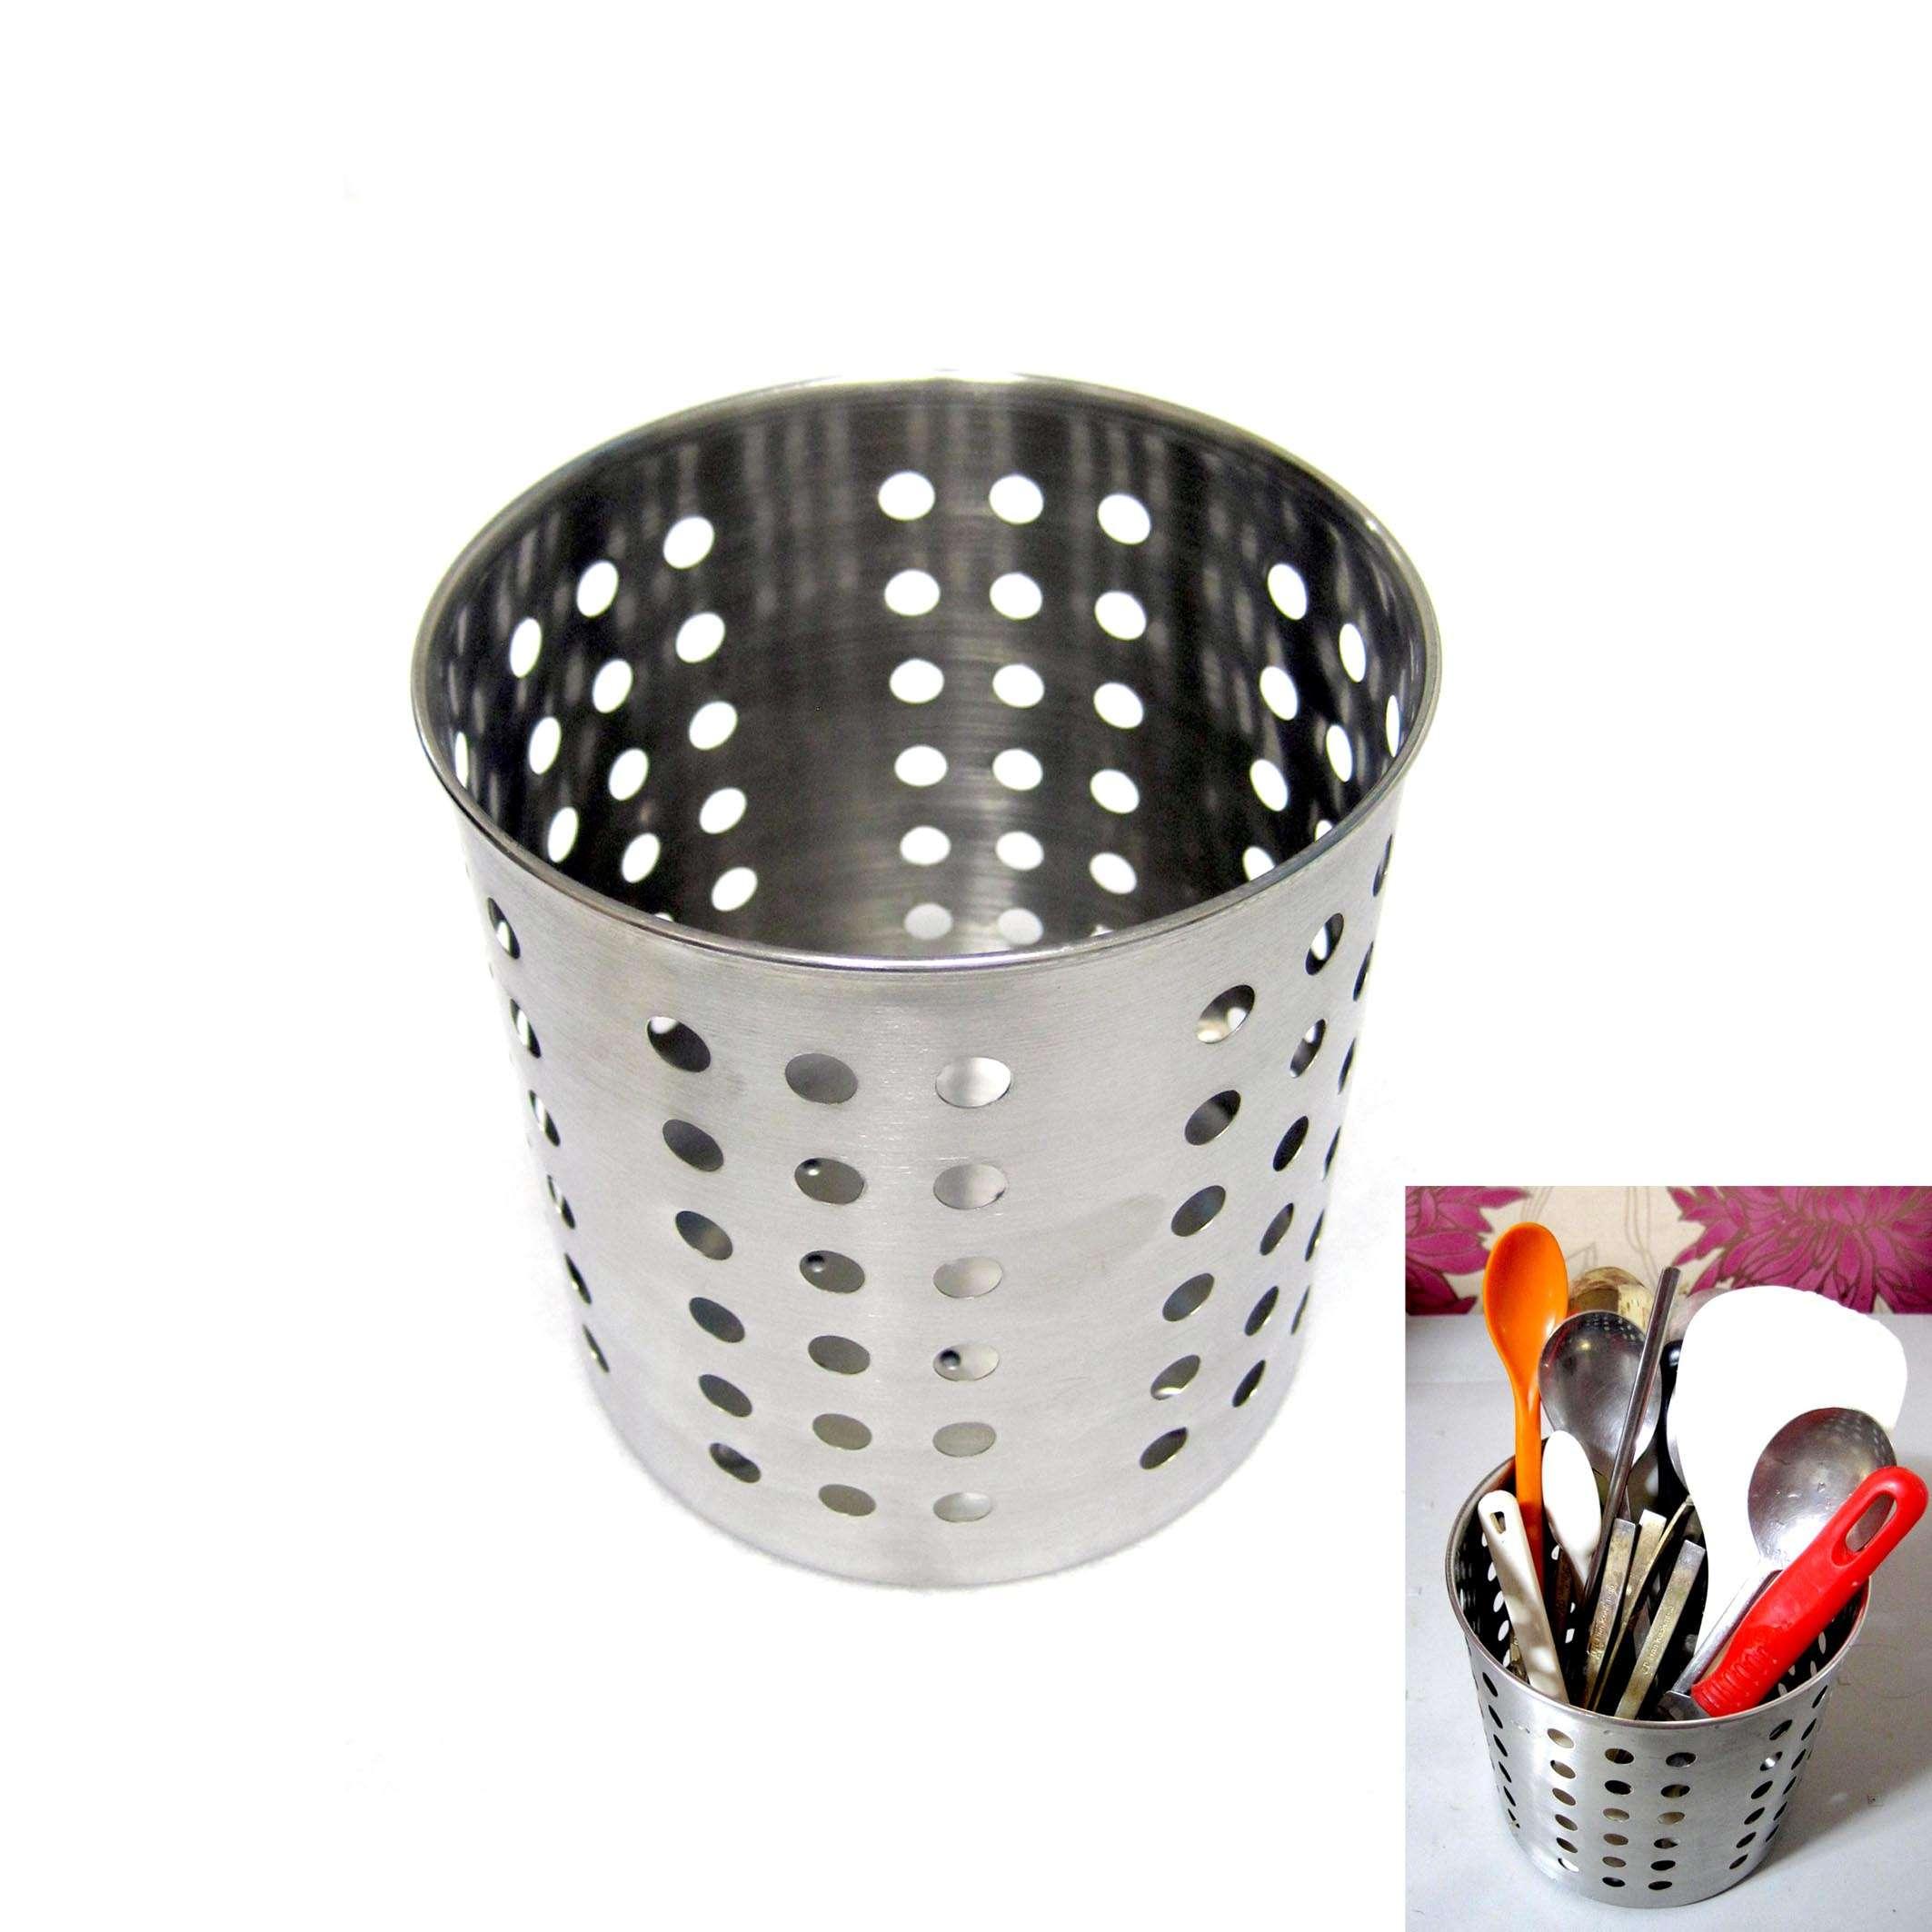 New Round Stainless Steel Cutlery Storage Holder Utensil